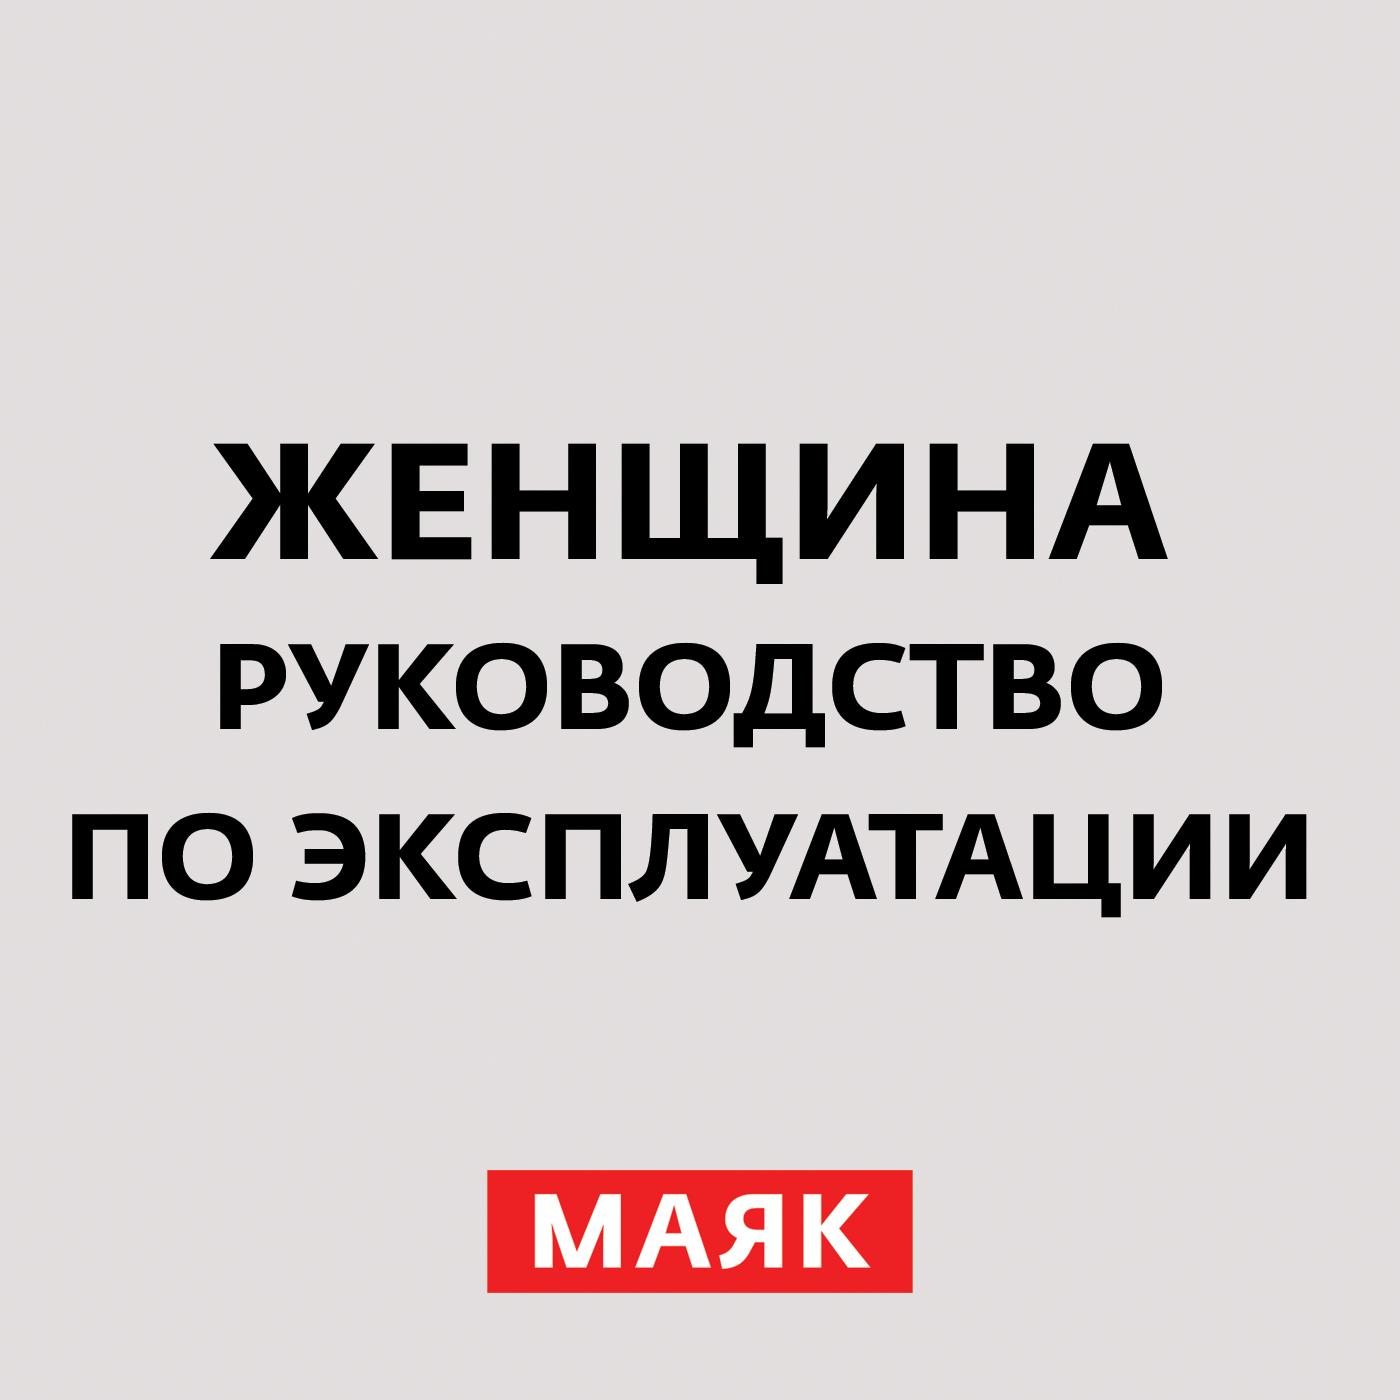 Творческий коллектив радио «Маяк» Женская месть творческий коллектив радио маяк женский глянец